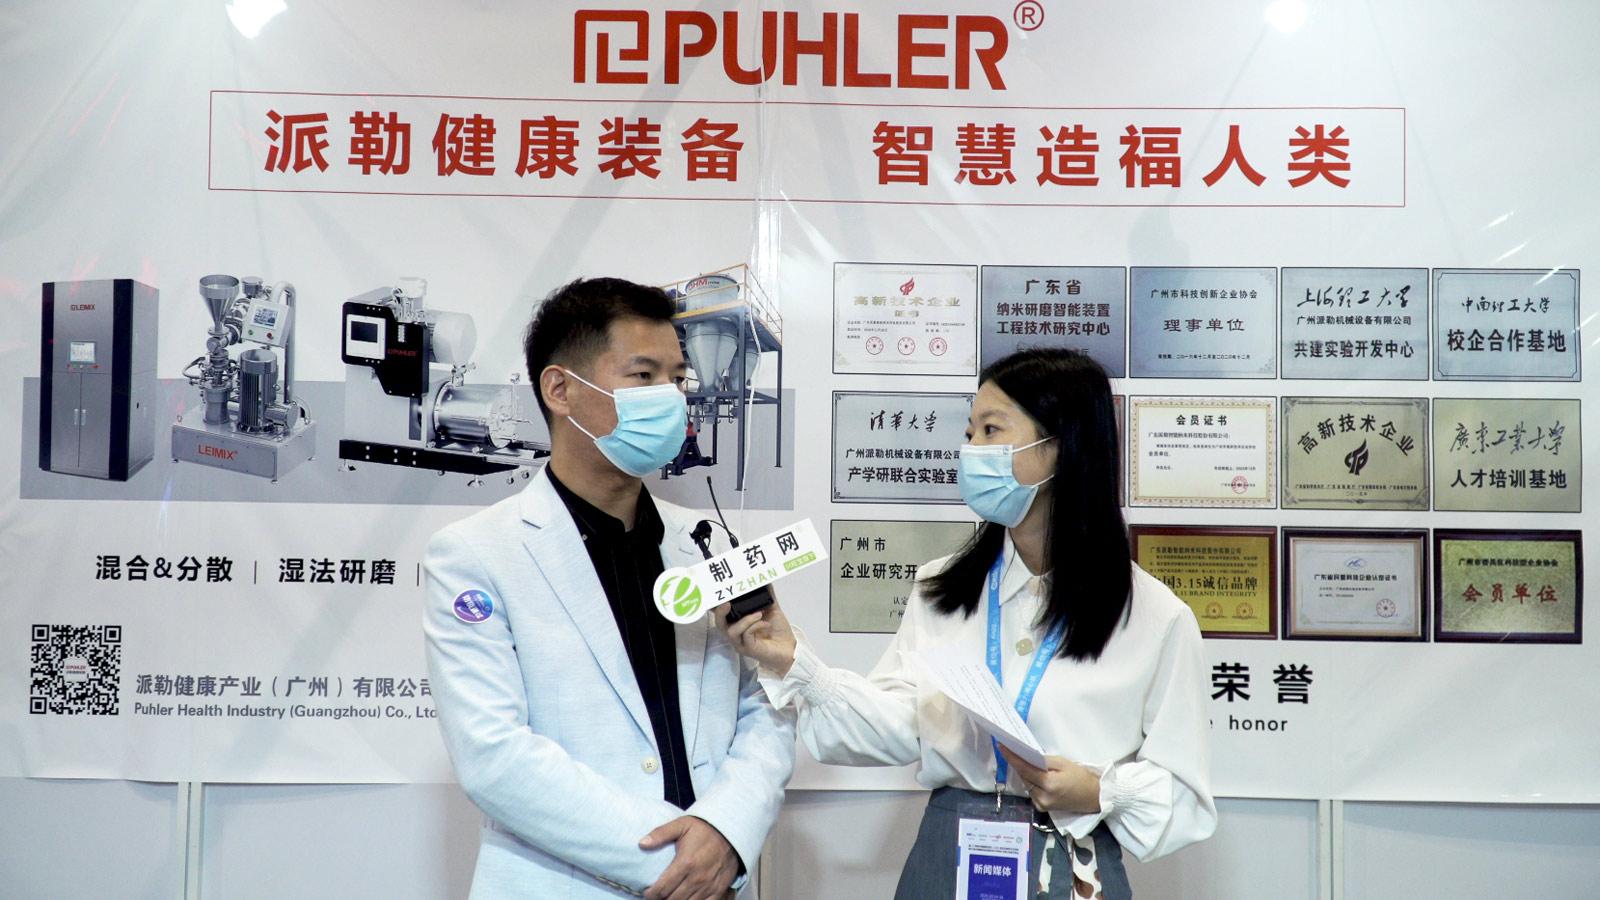 专访派勒健康产业(广州)有限公司常务副总经理严思德